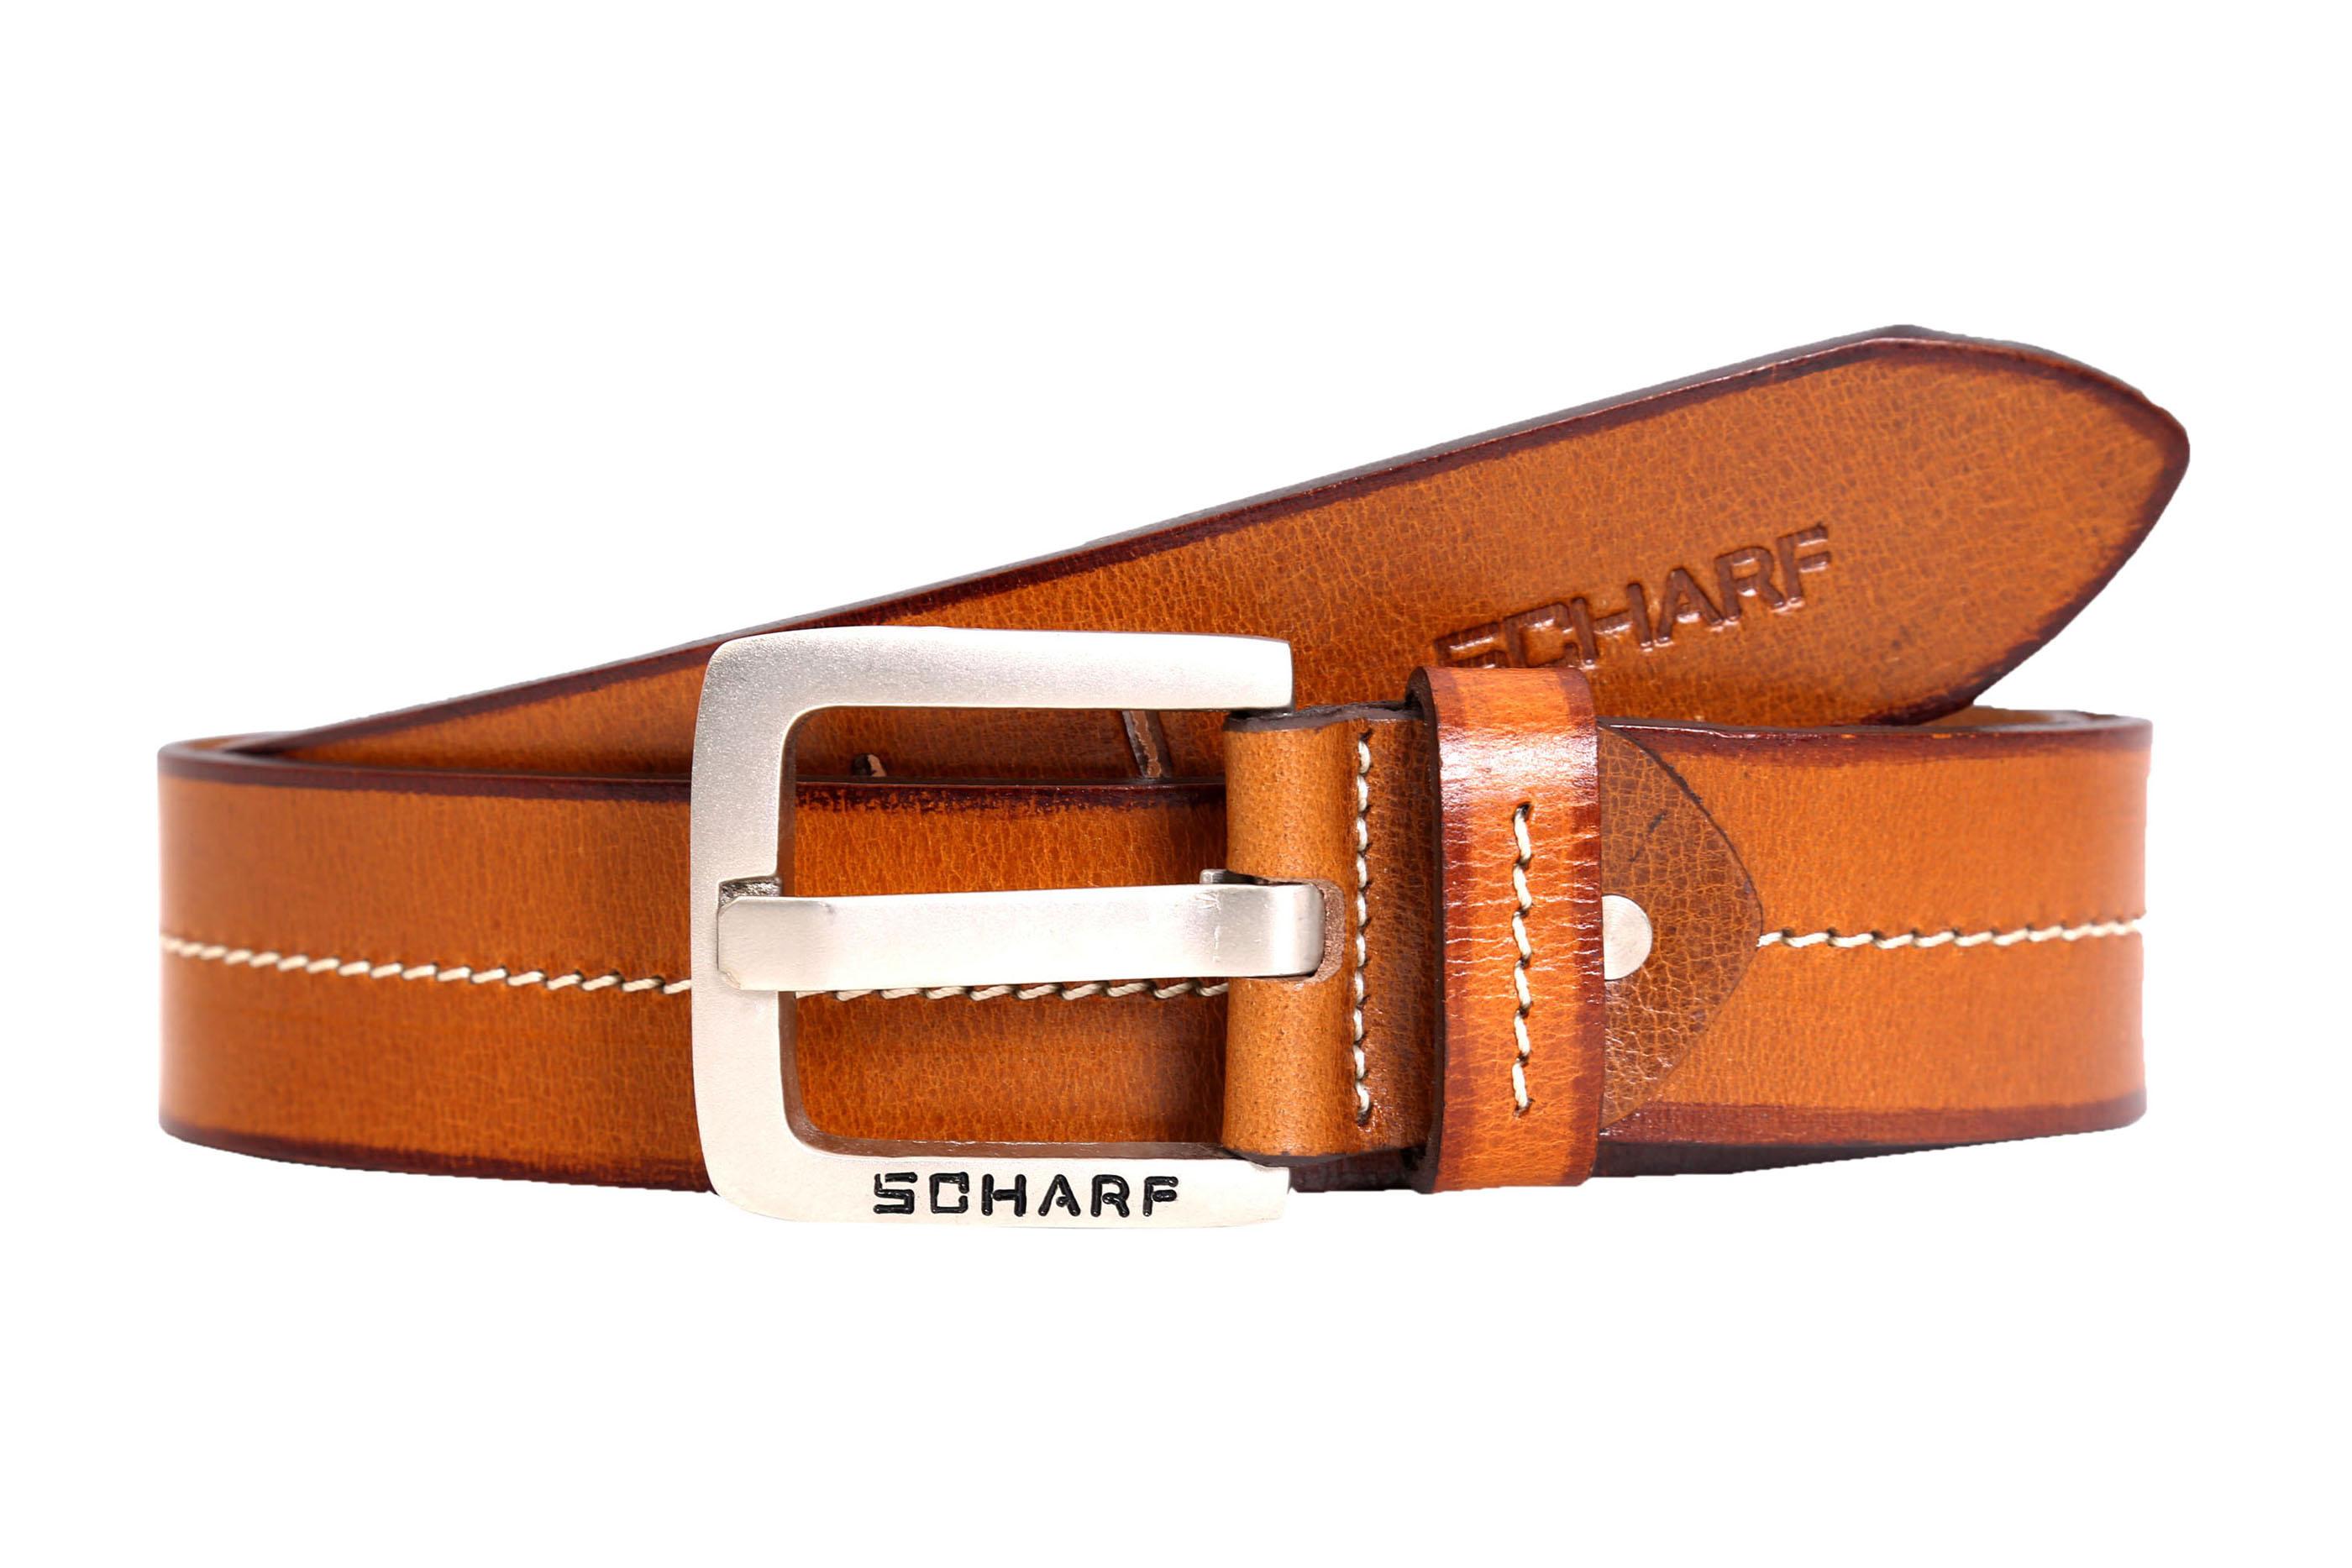 SCHARF | SCHARF Men's Henry Ralph White Light Premium Leather Men's Belt BMC44